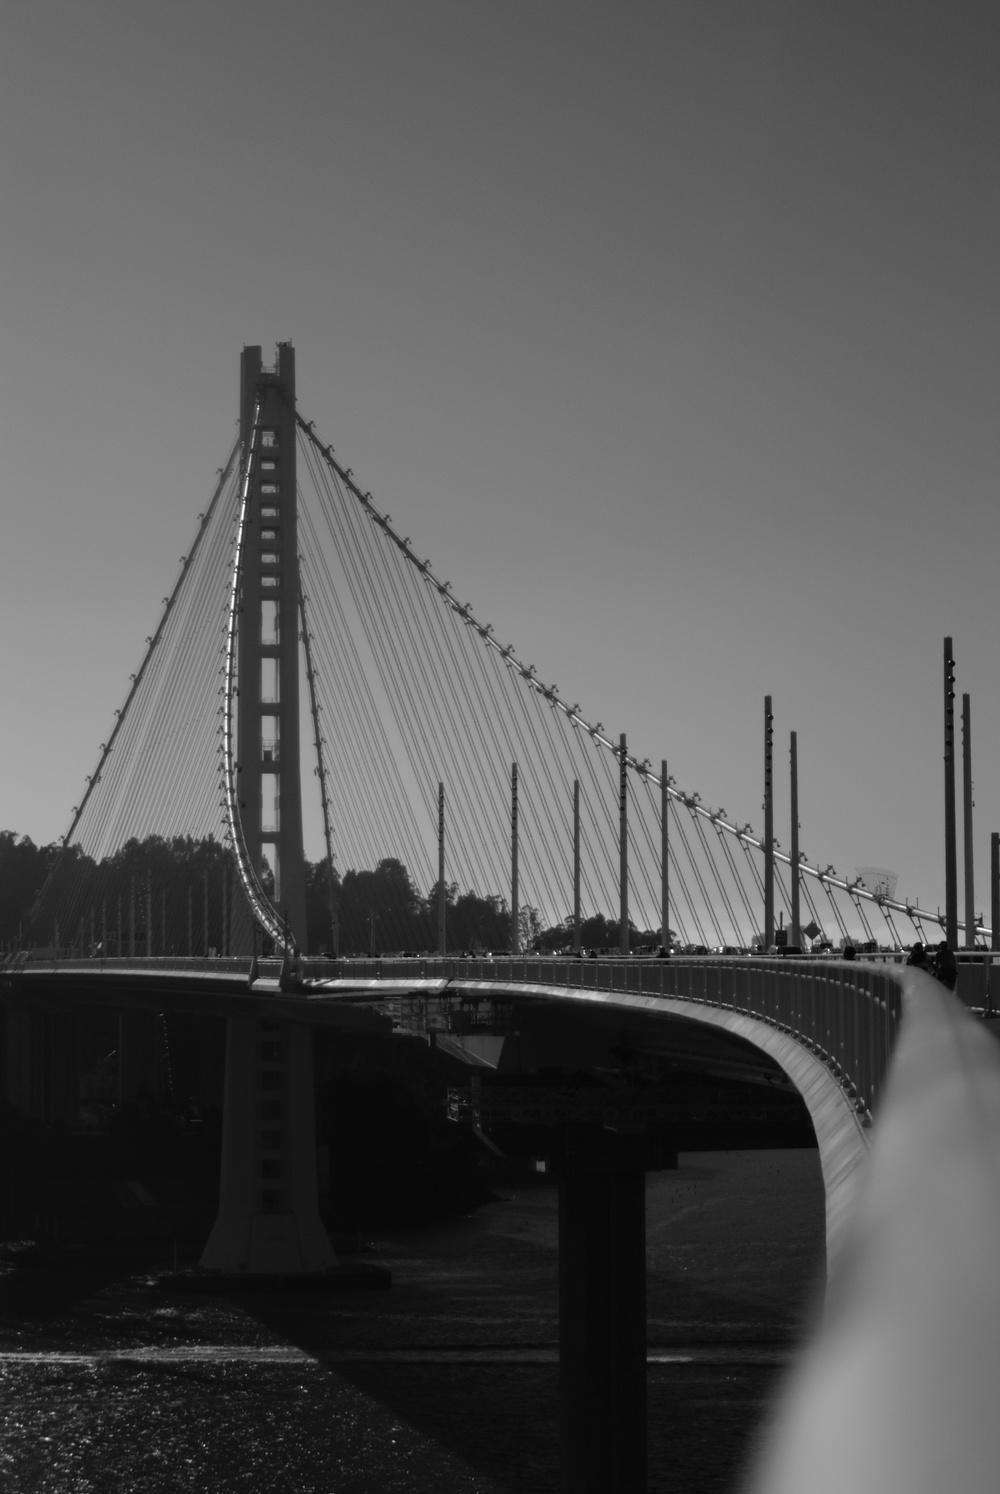 Bay Bridge, Oakland, California, USA